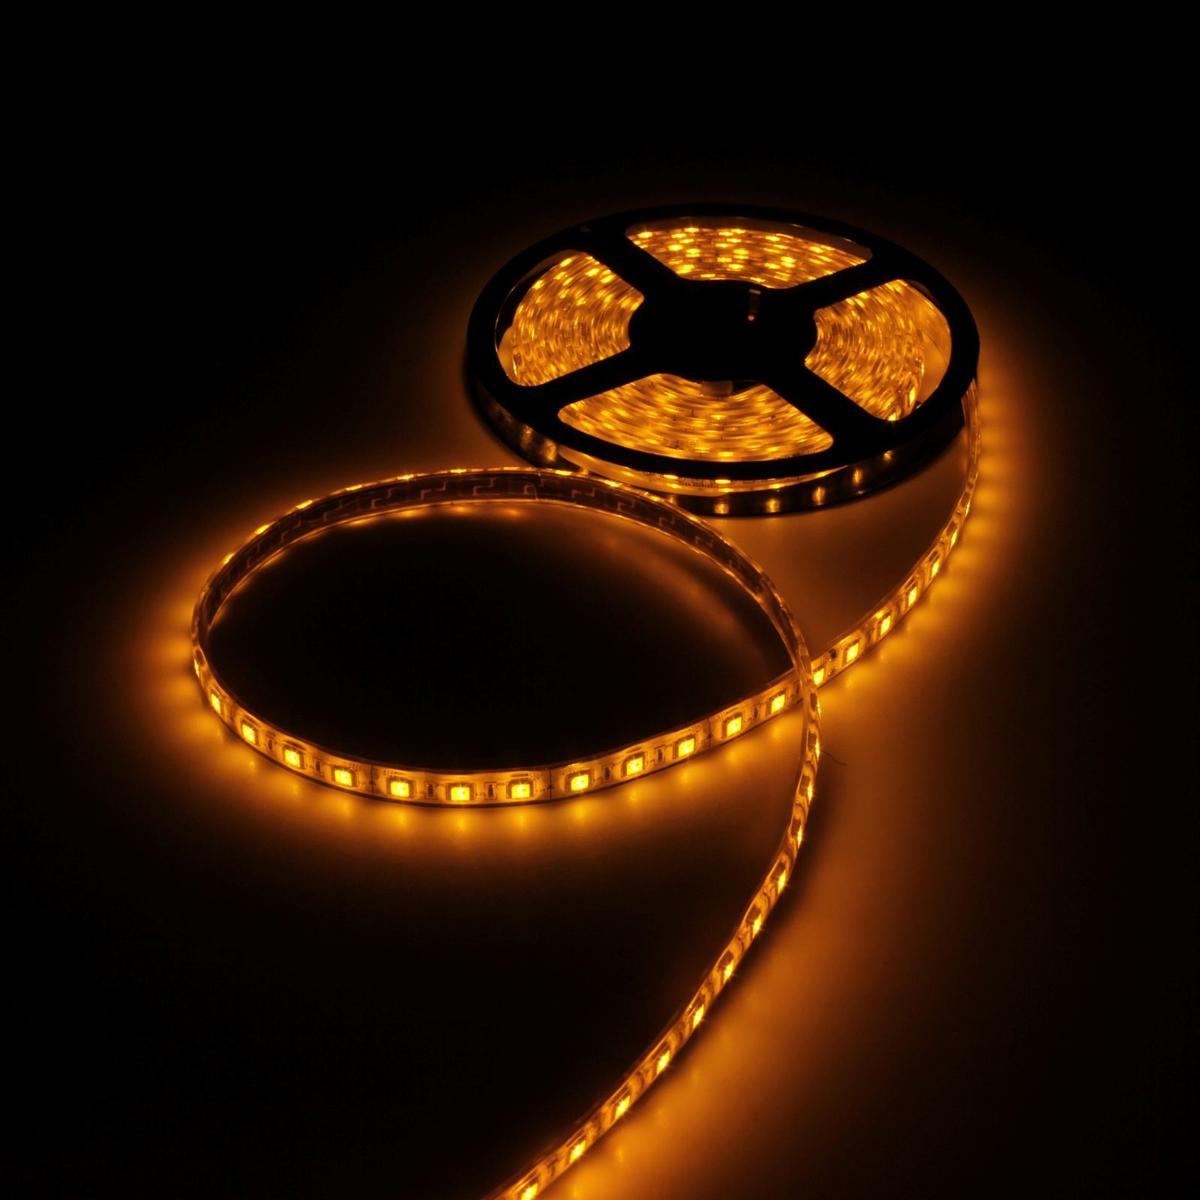 Светодиодная лента Luazon, 12В, SMD5050, длина 5 м, IP68, 60 LED ламп, 14.4 Вт/м, 14-16 Лм/1 LED, DC, цвет: желтый883956Светодиодные гирлянды, ленты и т.д — это отличный вариант для новогоднего оформления интерьера или фасада. С их помощью помещение любого размера можно превратить в праздничный зал, а внешние элементы зданий, украшенные ими, мгновенно станут напоминать очертания сказочного дворца. Такие украшения создают ауру предвкушения чуда. Деревья, фасады, витрины, окна и арки будто специально созданы, чтобы вы украсили их светящимися нитями.